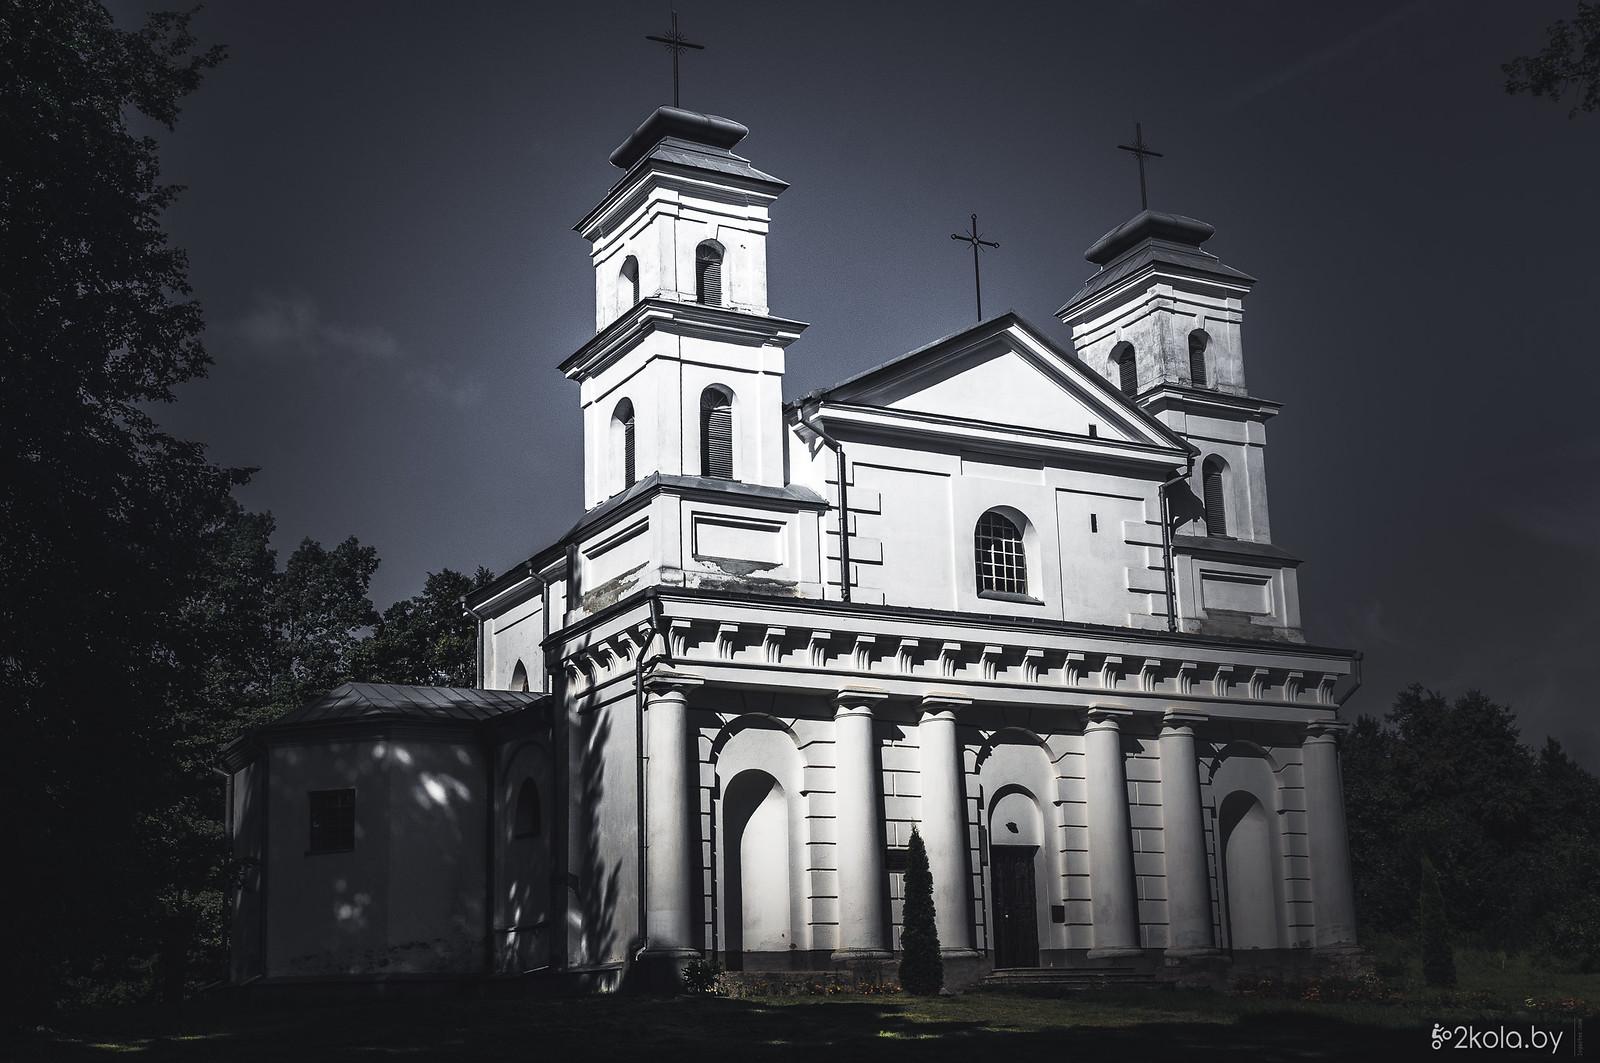 Покатушка Новоельня - Хвоево 2017